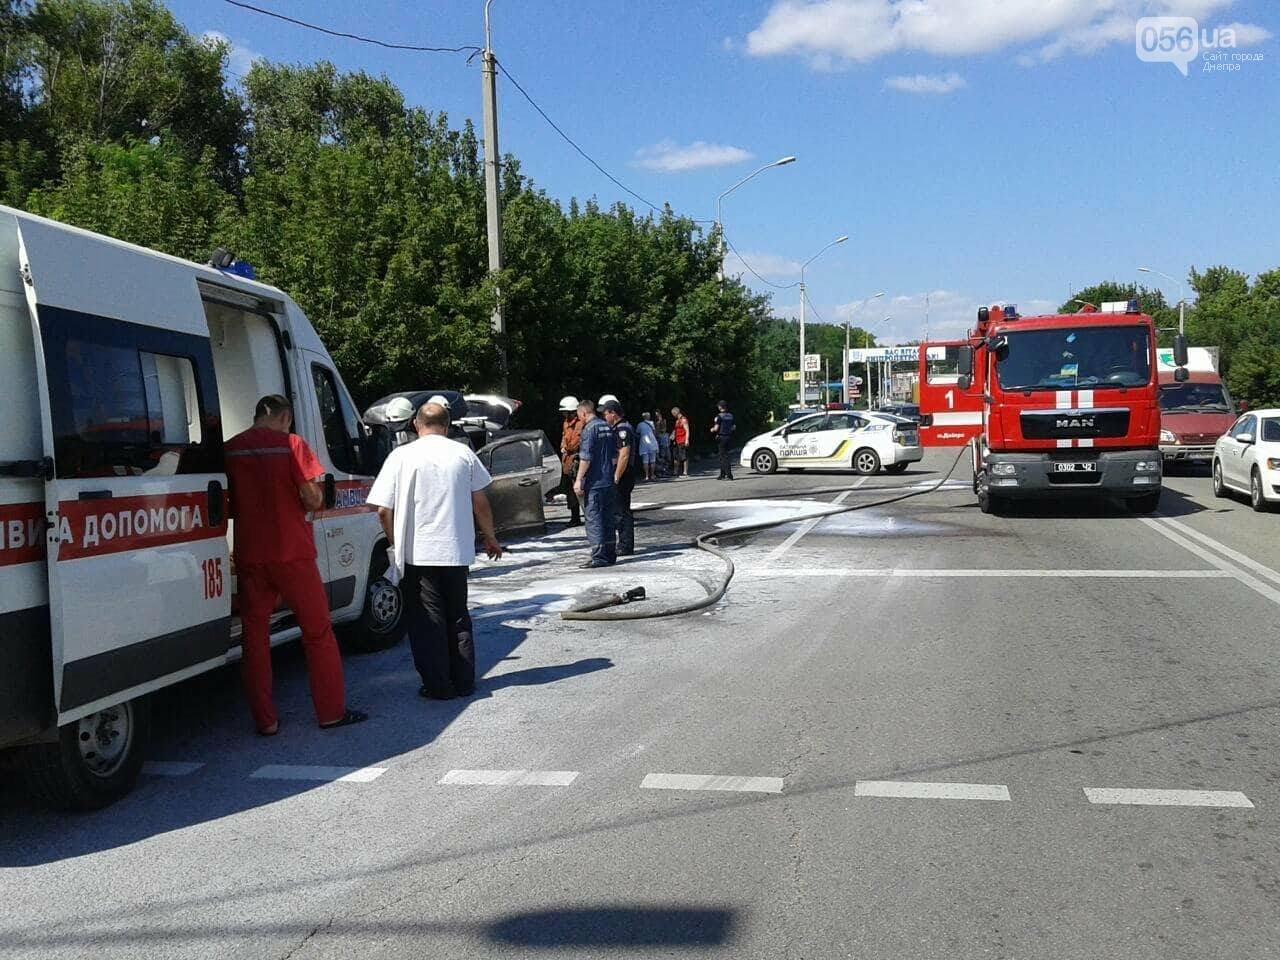 В Днепре на Запорожском шоссе на ходу загорелся автомобиль, - ФОТО, фото-2